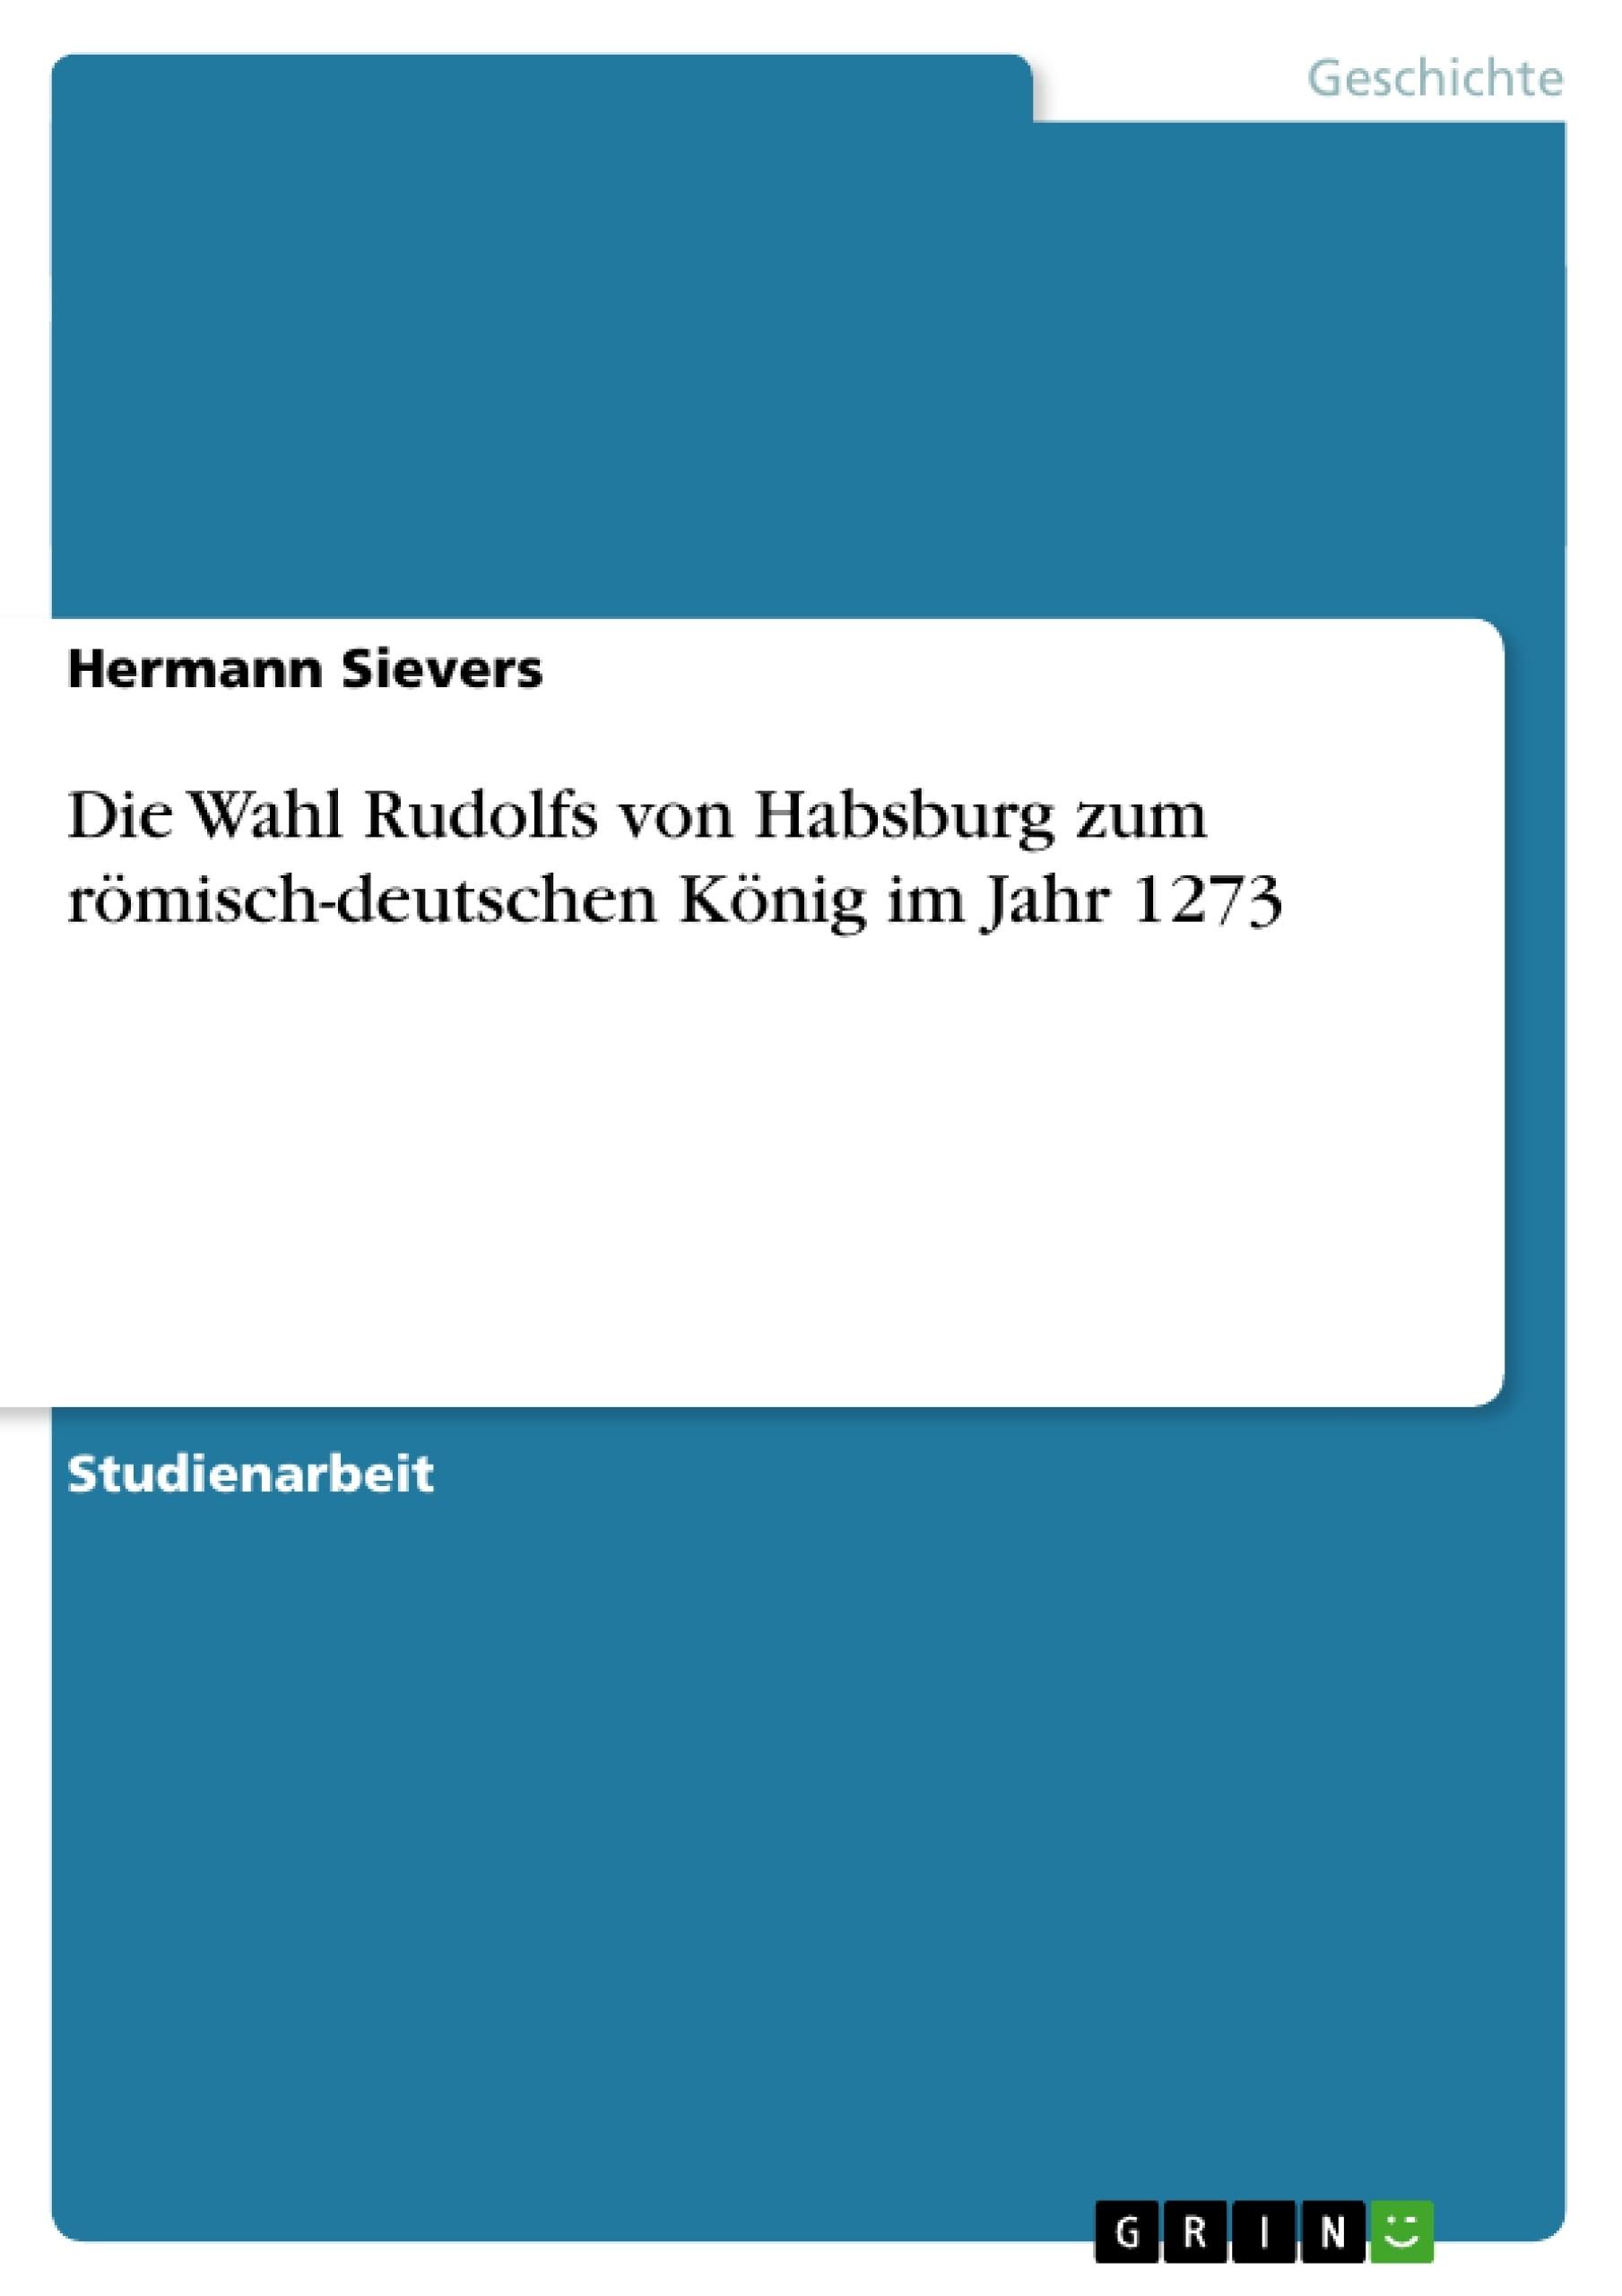 Titel: Die Wahl Rudolfs von Habsburg zum römisch-deutschen König im Jahr 1273